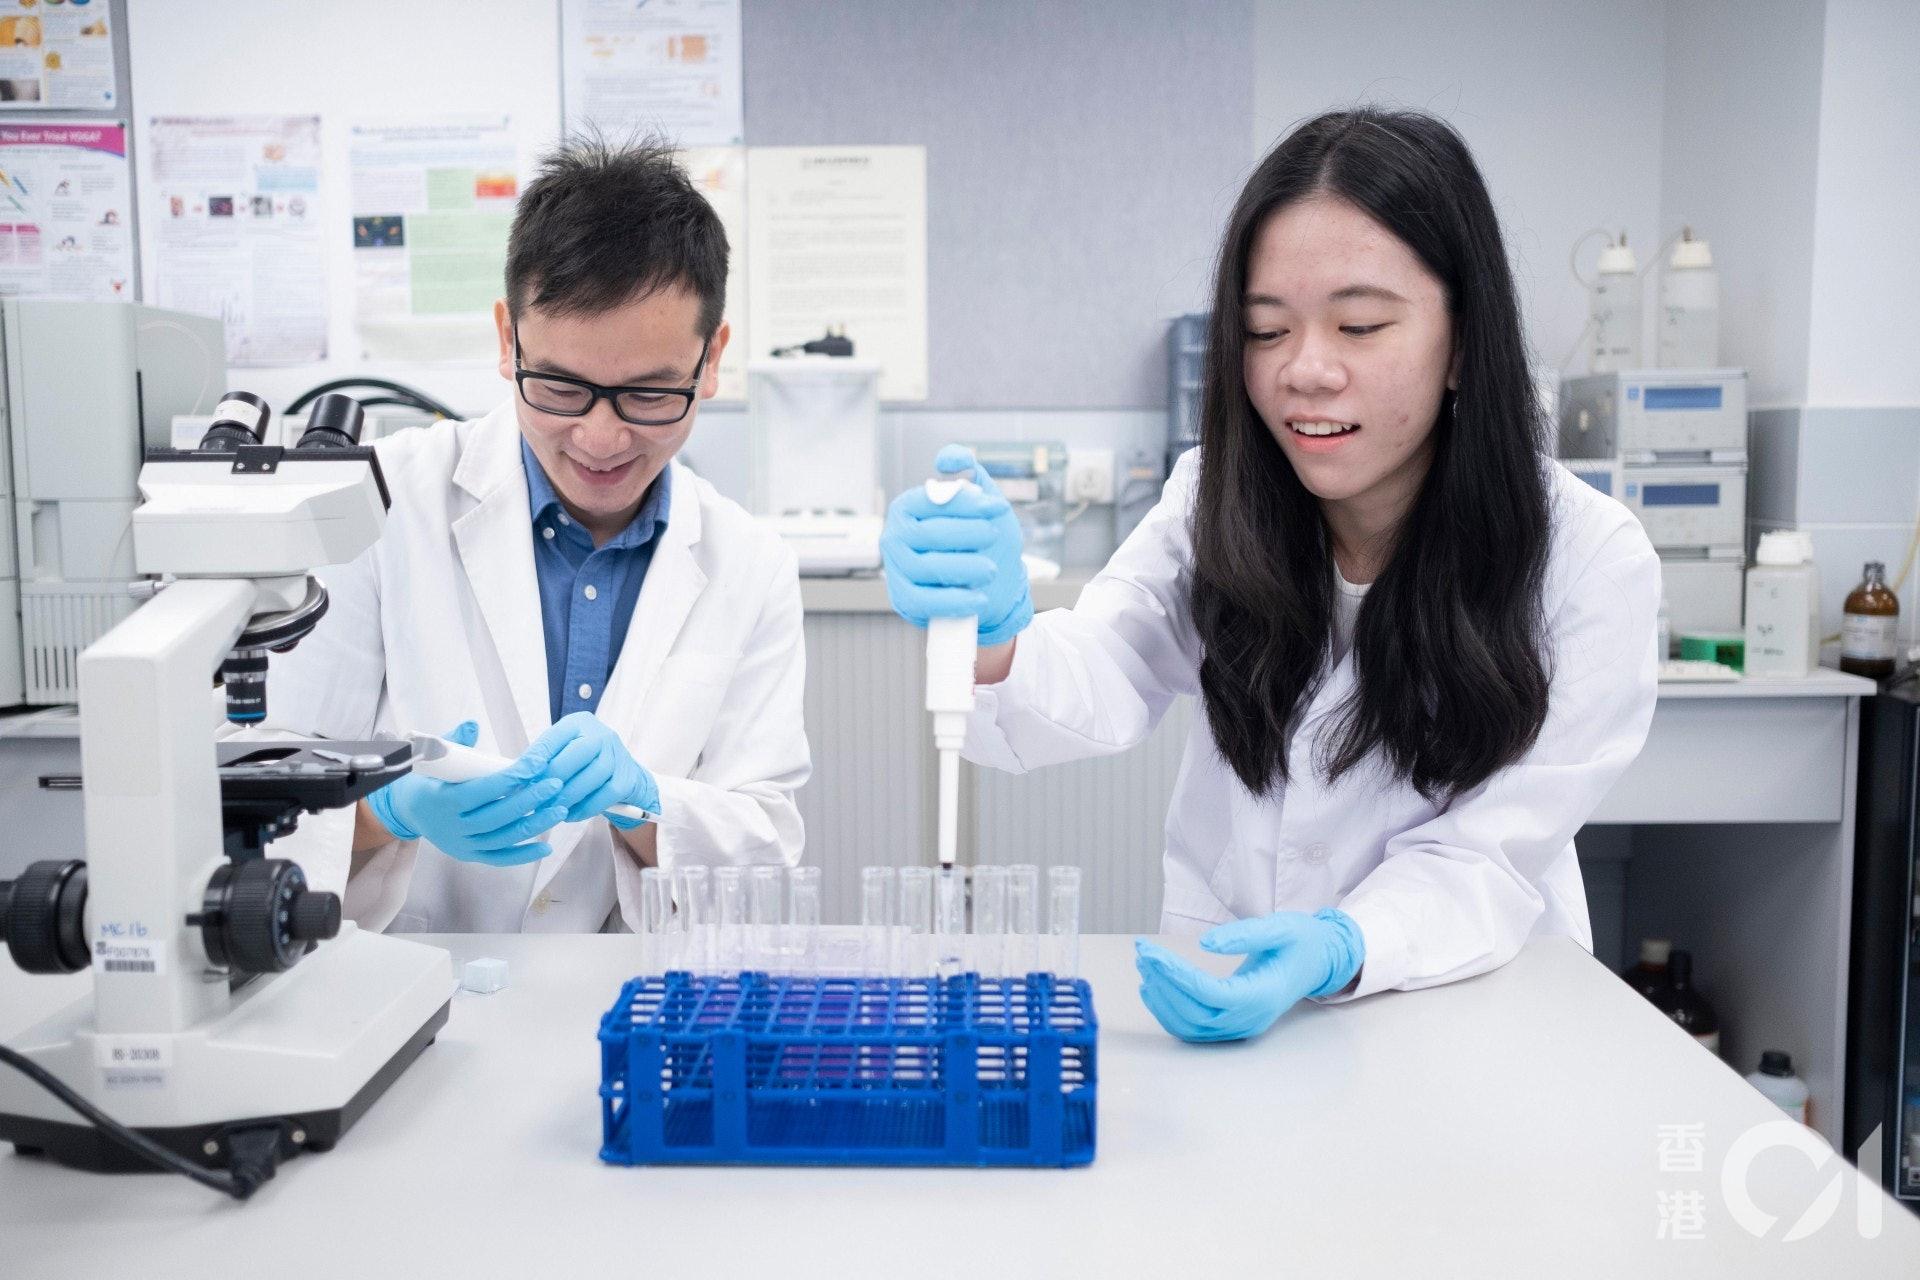 港大附属学院高级讲师吴世明(左)表示,生物医学课程适合对生物、化学、疾病及人体生理学有兴趣的理科生入读。(罗君豪摄)